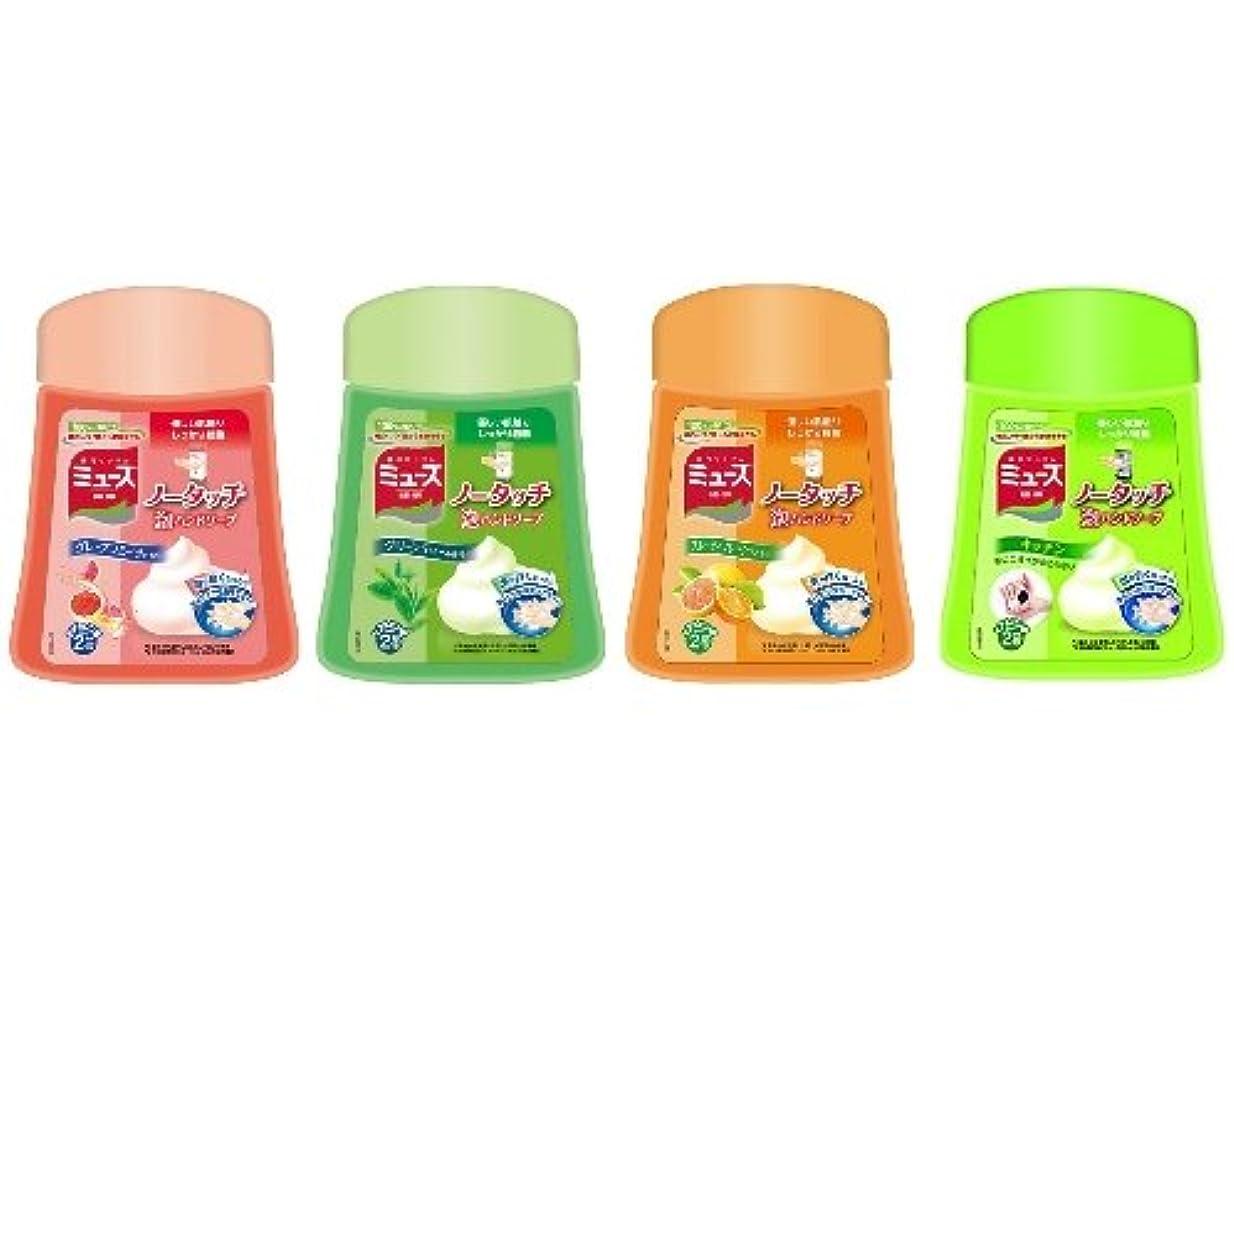 生産性批判的ひらめきミューズ ノータッチ 泡ハンドソープ 詰替え 4種の色と香りボトル 250ml×4個 薬用ハンドソープ 手洗い 殺菌 消毒